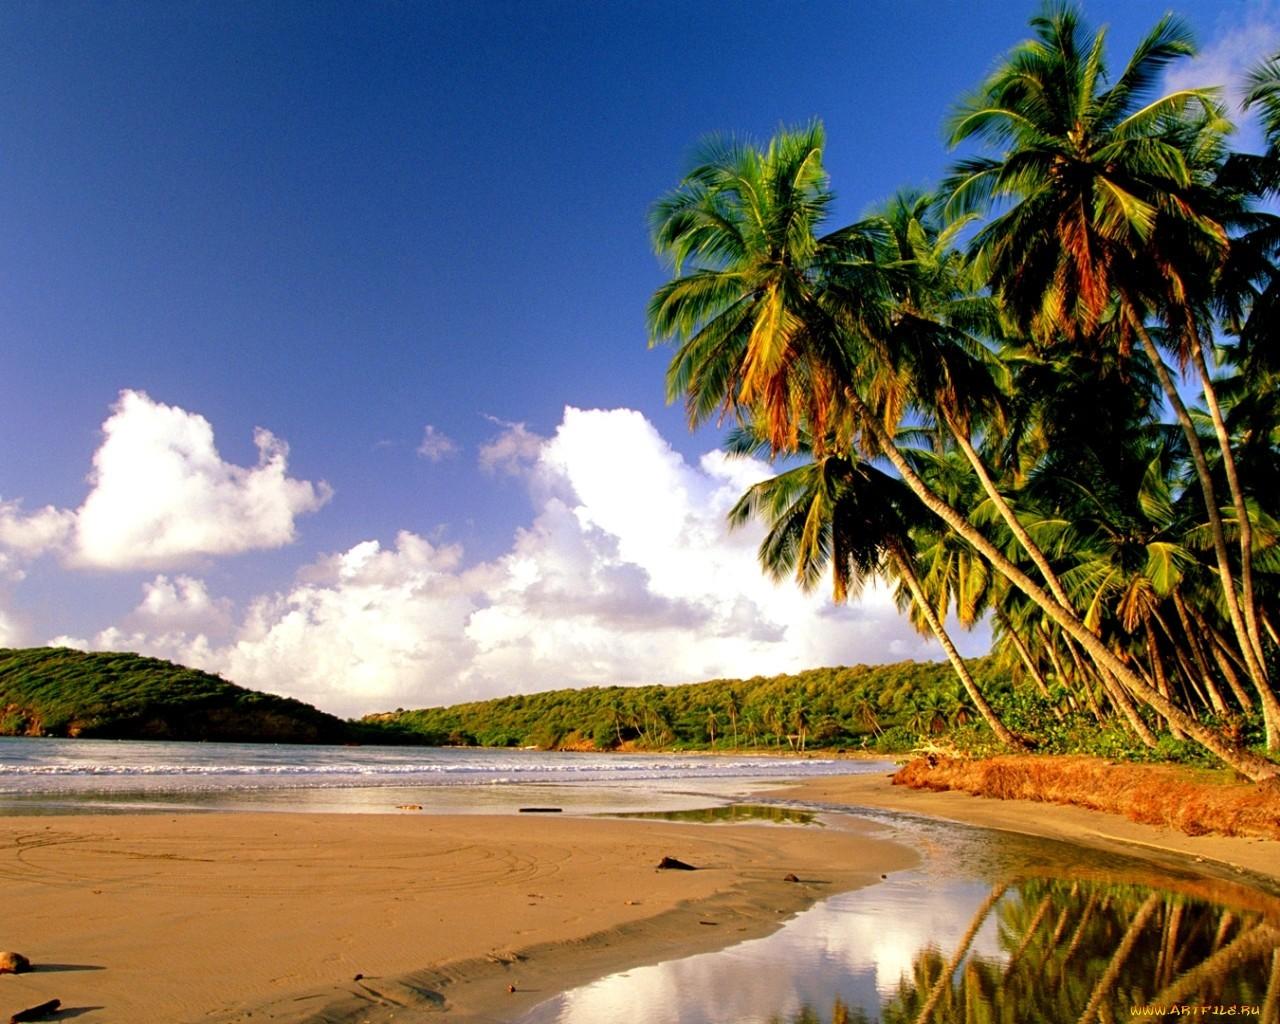 18437 скачать обои Пейзаж, Небо, Море, Облака, Пляж, Пальмы - заставки и картинки бесплатно